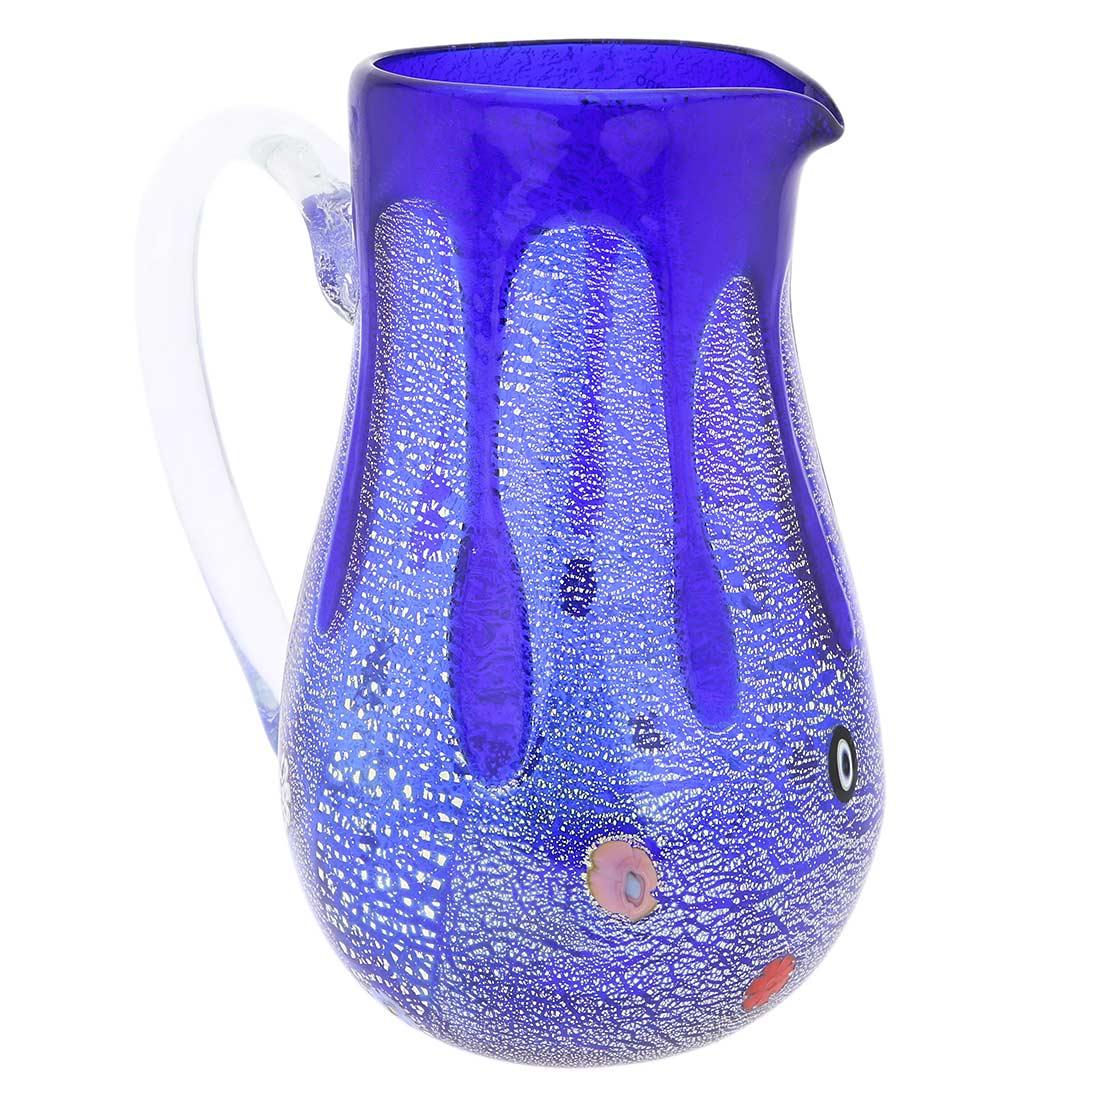 Murano Glass Carafe - Silver Lava Blue